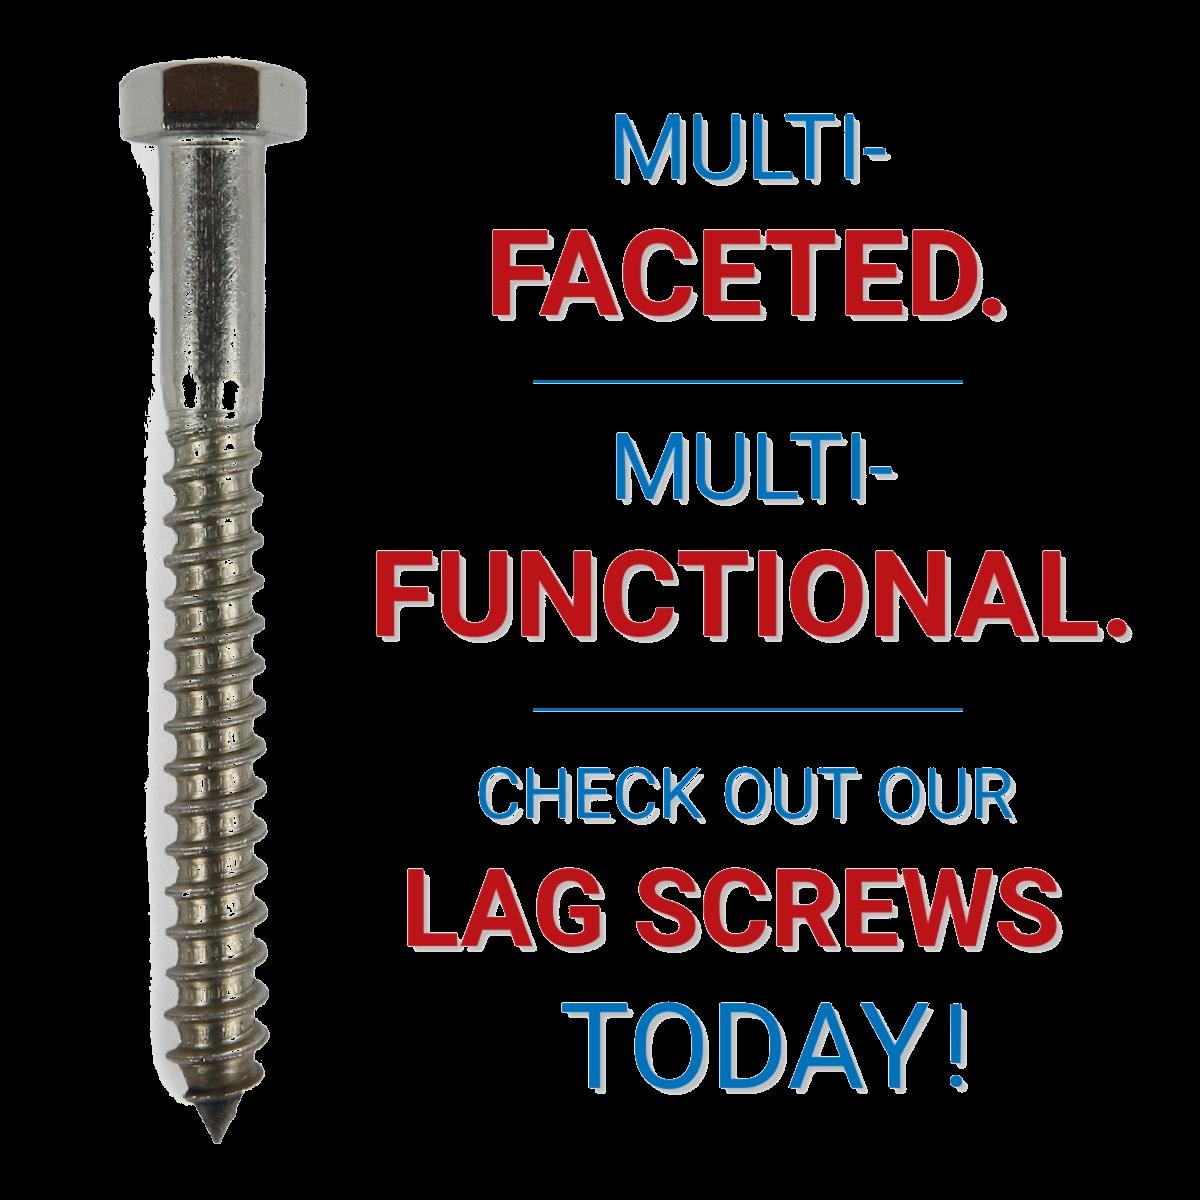 Multi Faceted Lag Screws